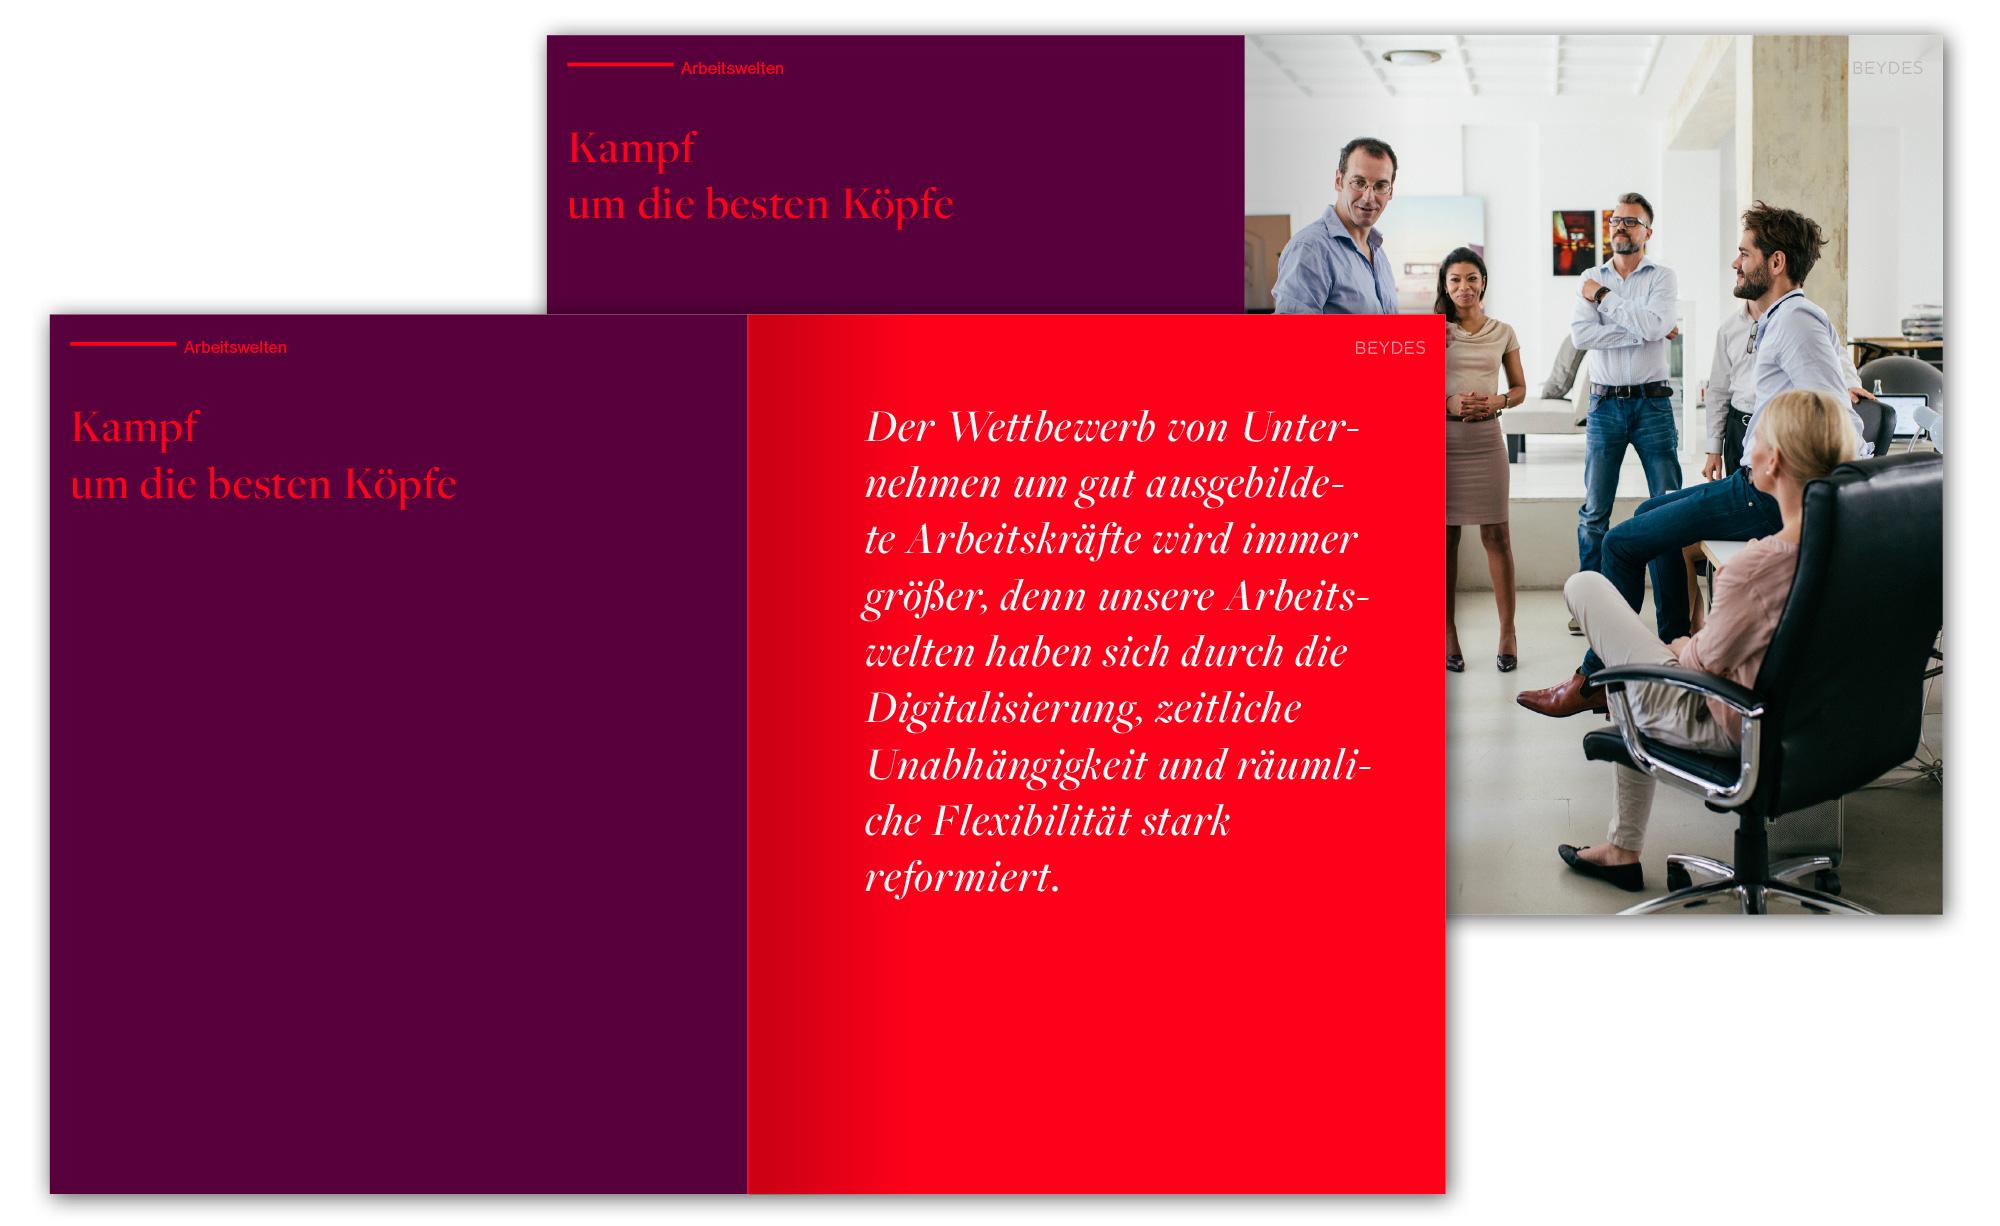 Naming und Logogestaltung für Konzeptidee Beydes; Corporate Identity und Markenentwicklung, Broschüre und Website